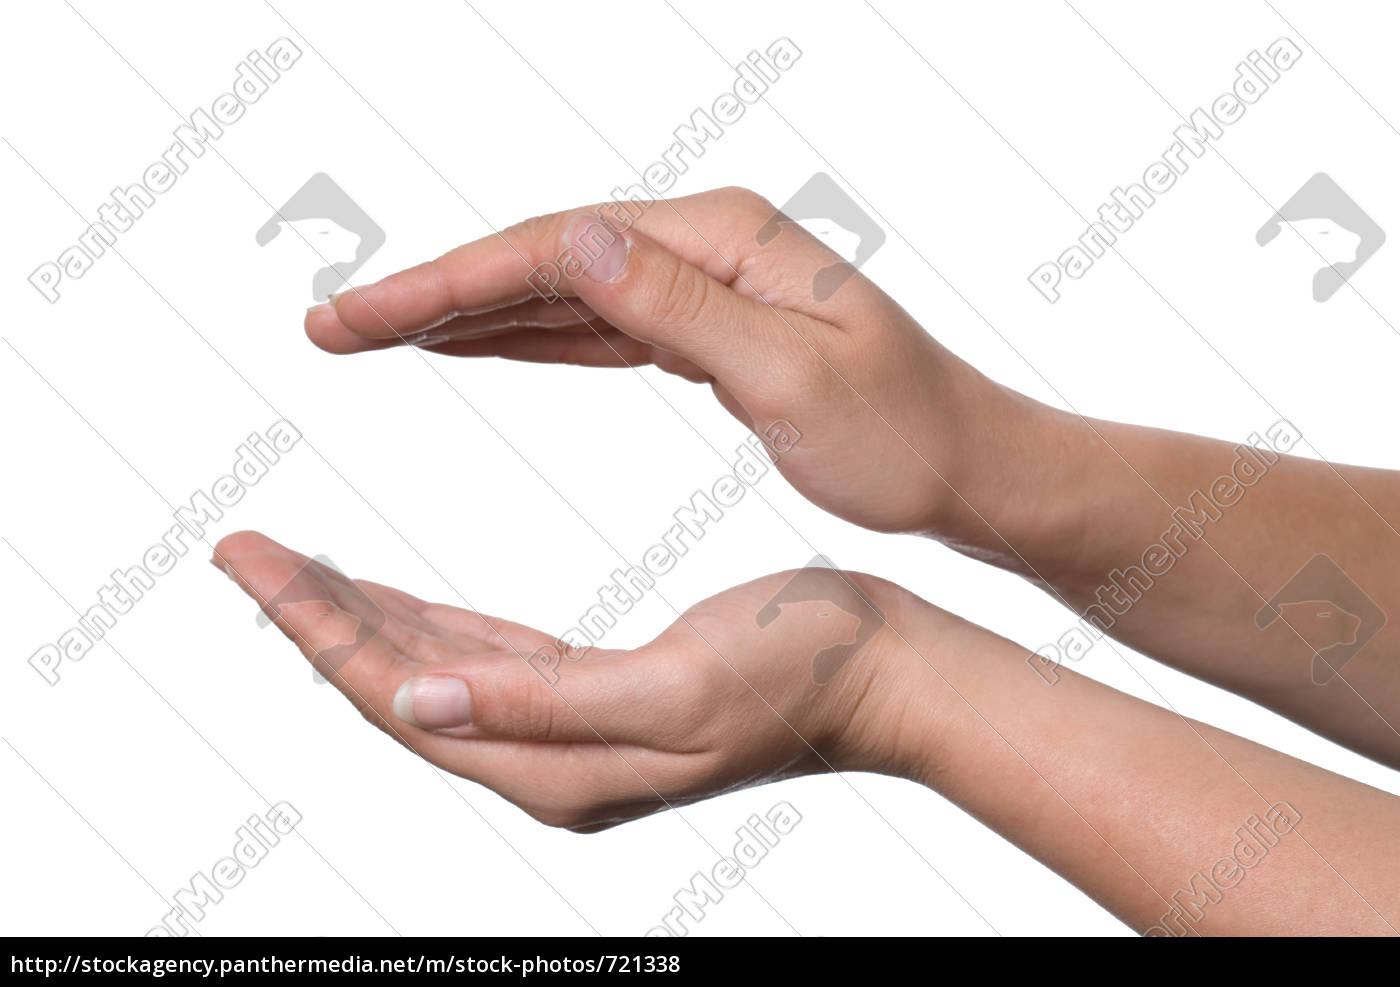 hands, form, ball - 721338